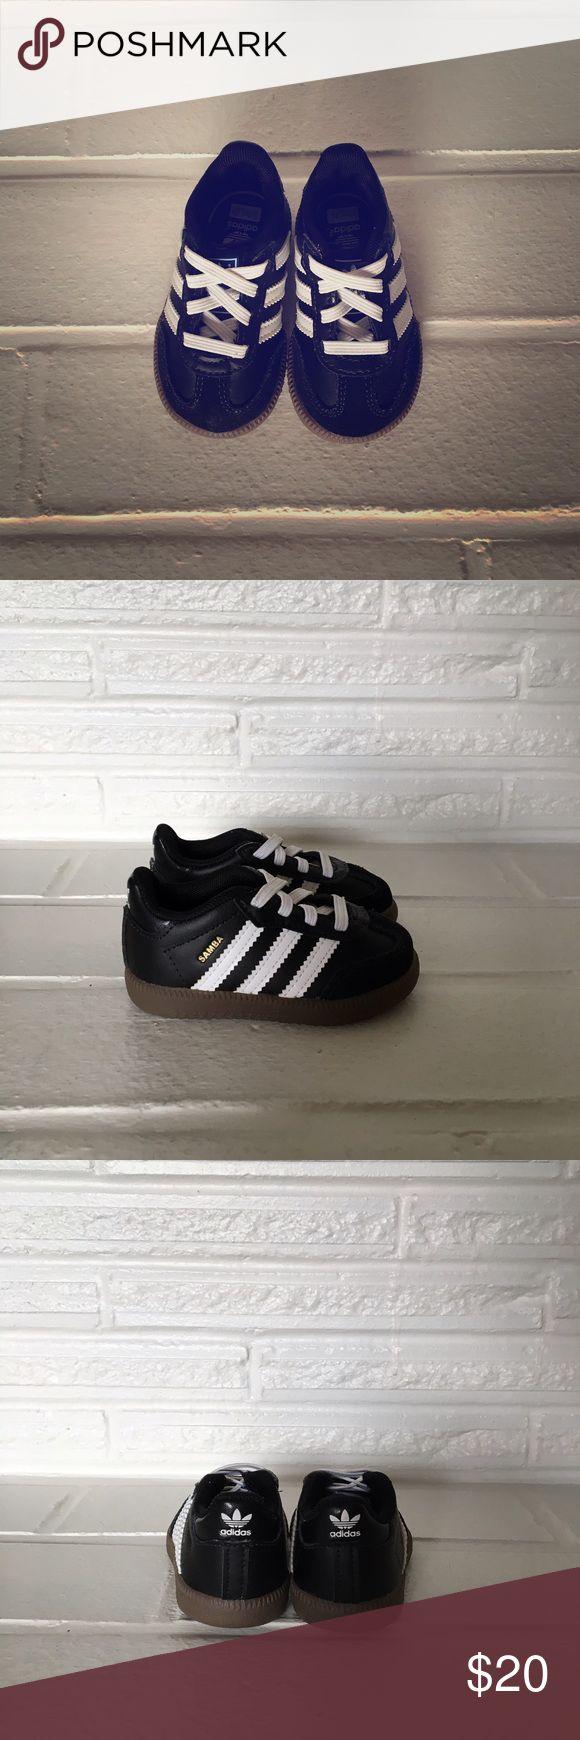 comprare scarpe simili a adidas samba > off42%)